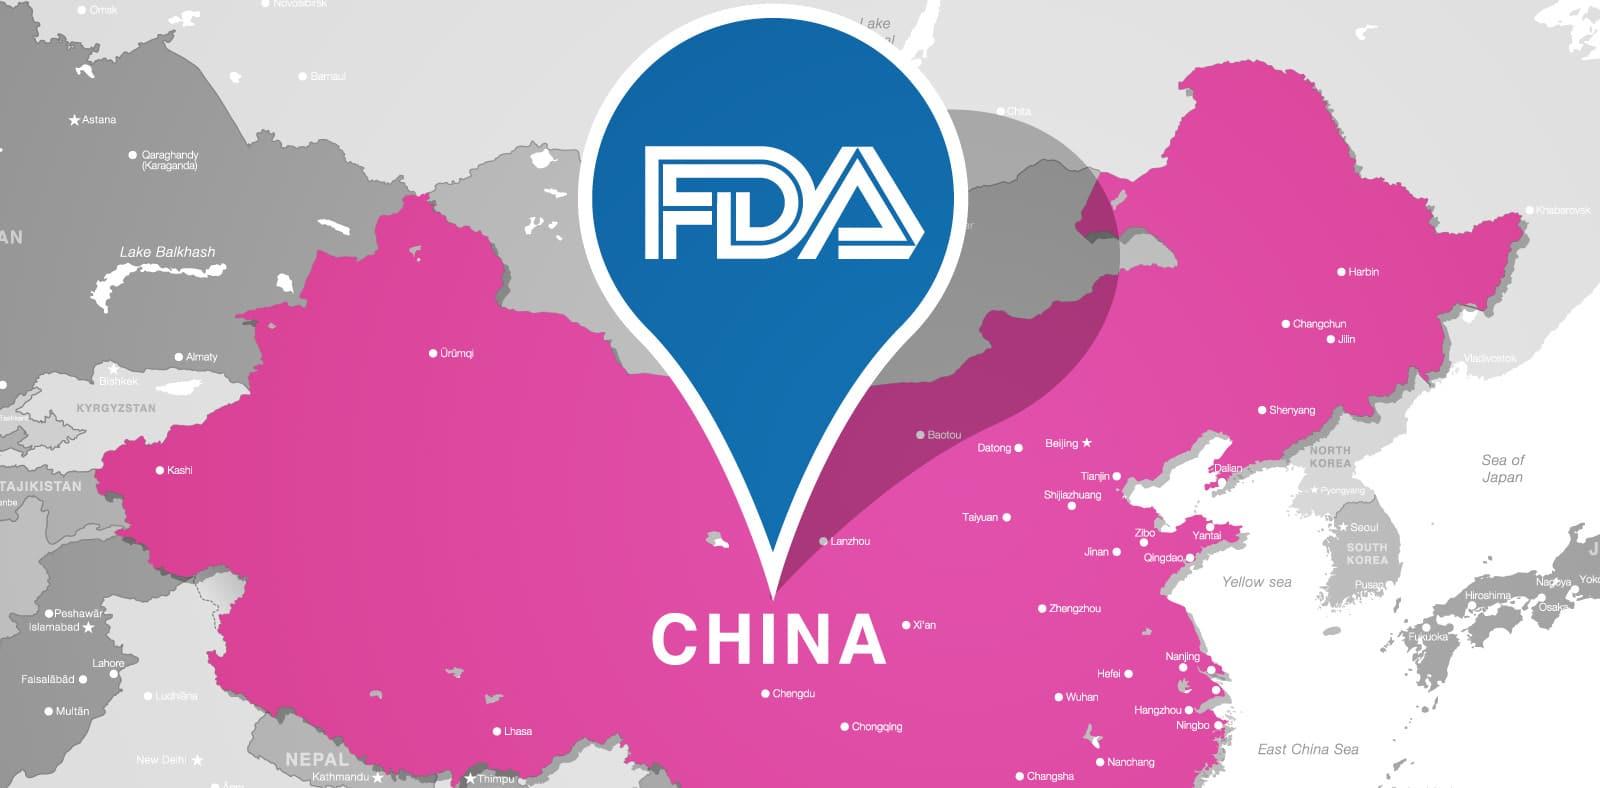 China-FDA